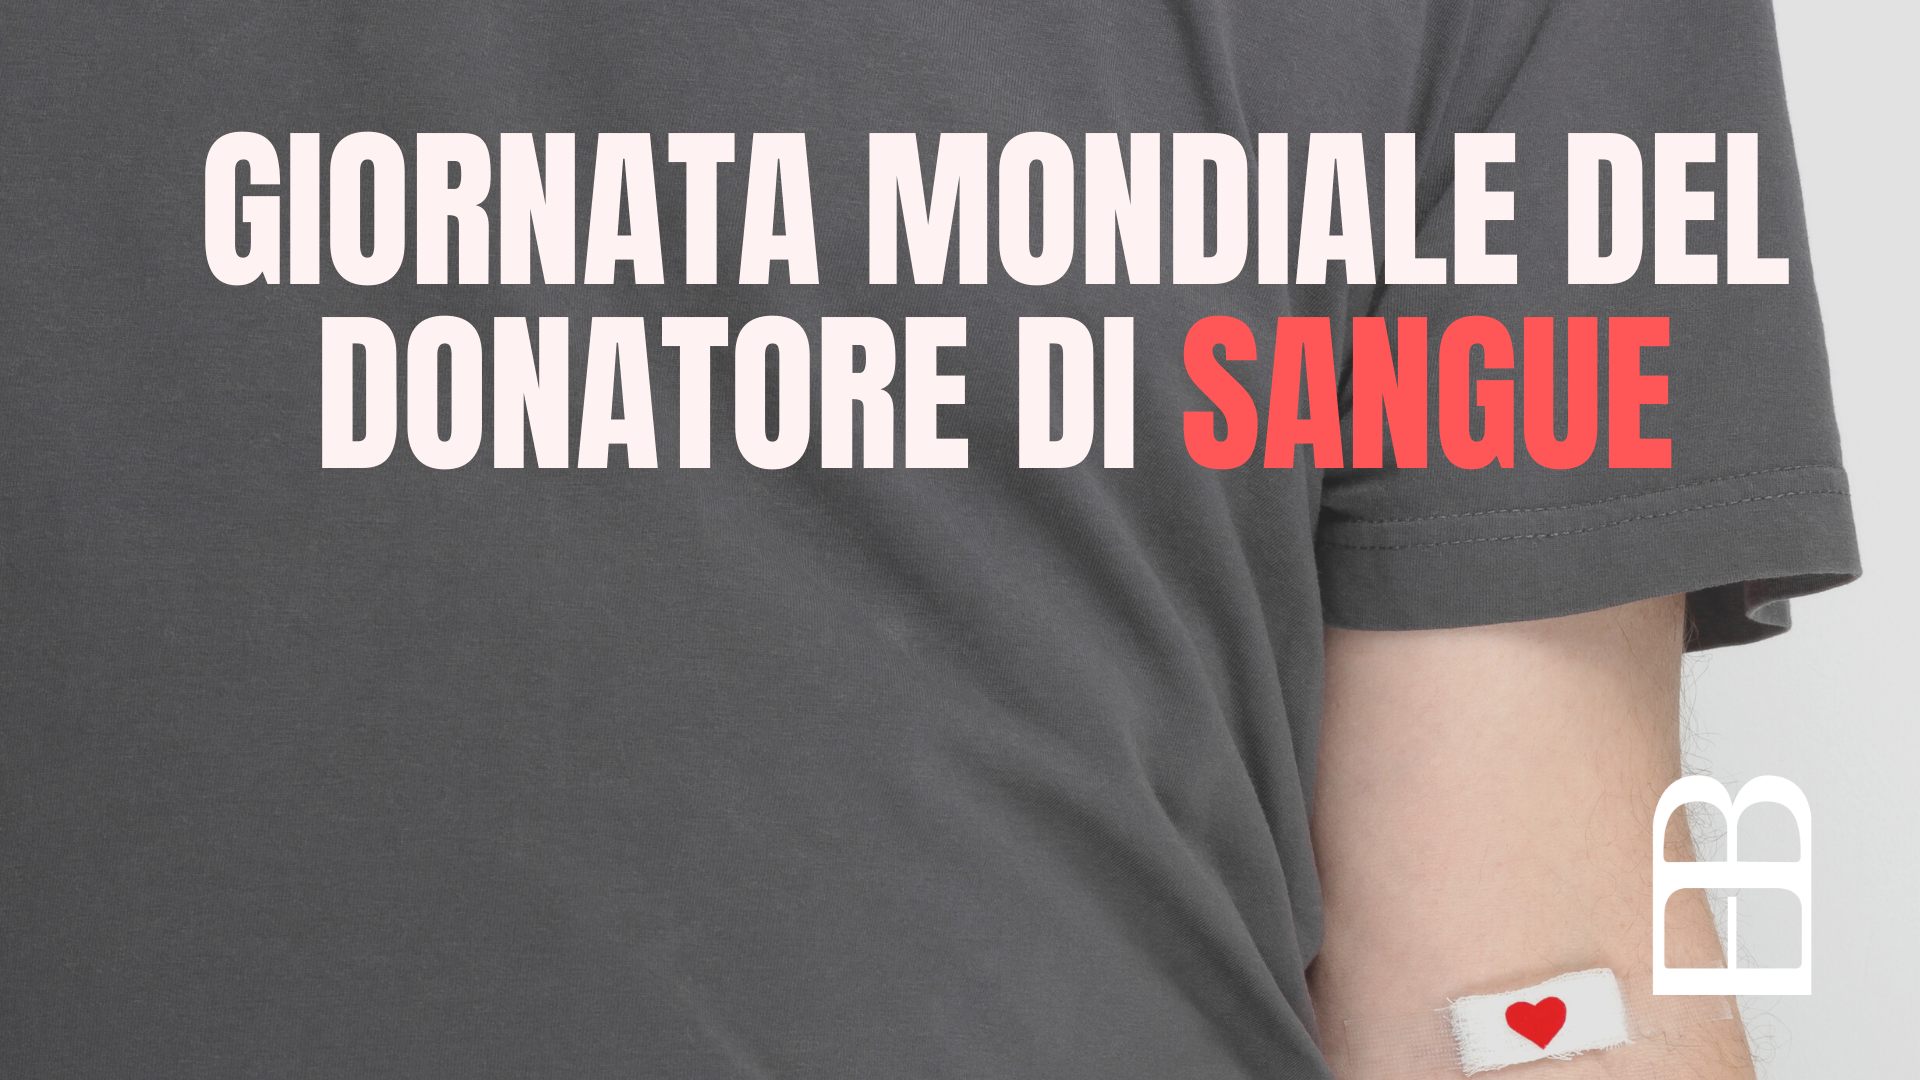 Giornata Mondiale dei donatori di Sangue, Italia protagonista con evento globale